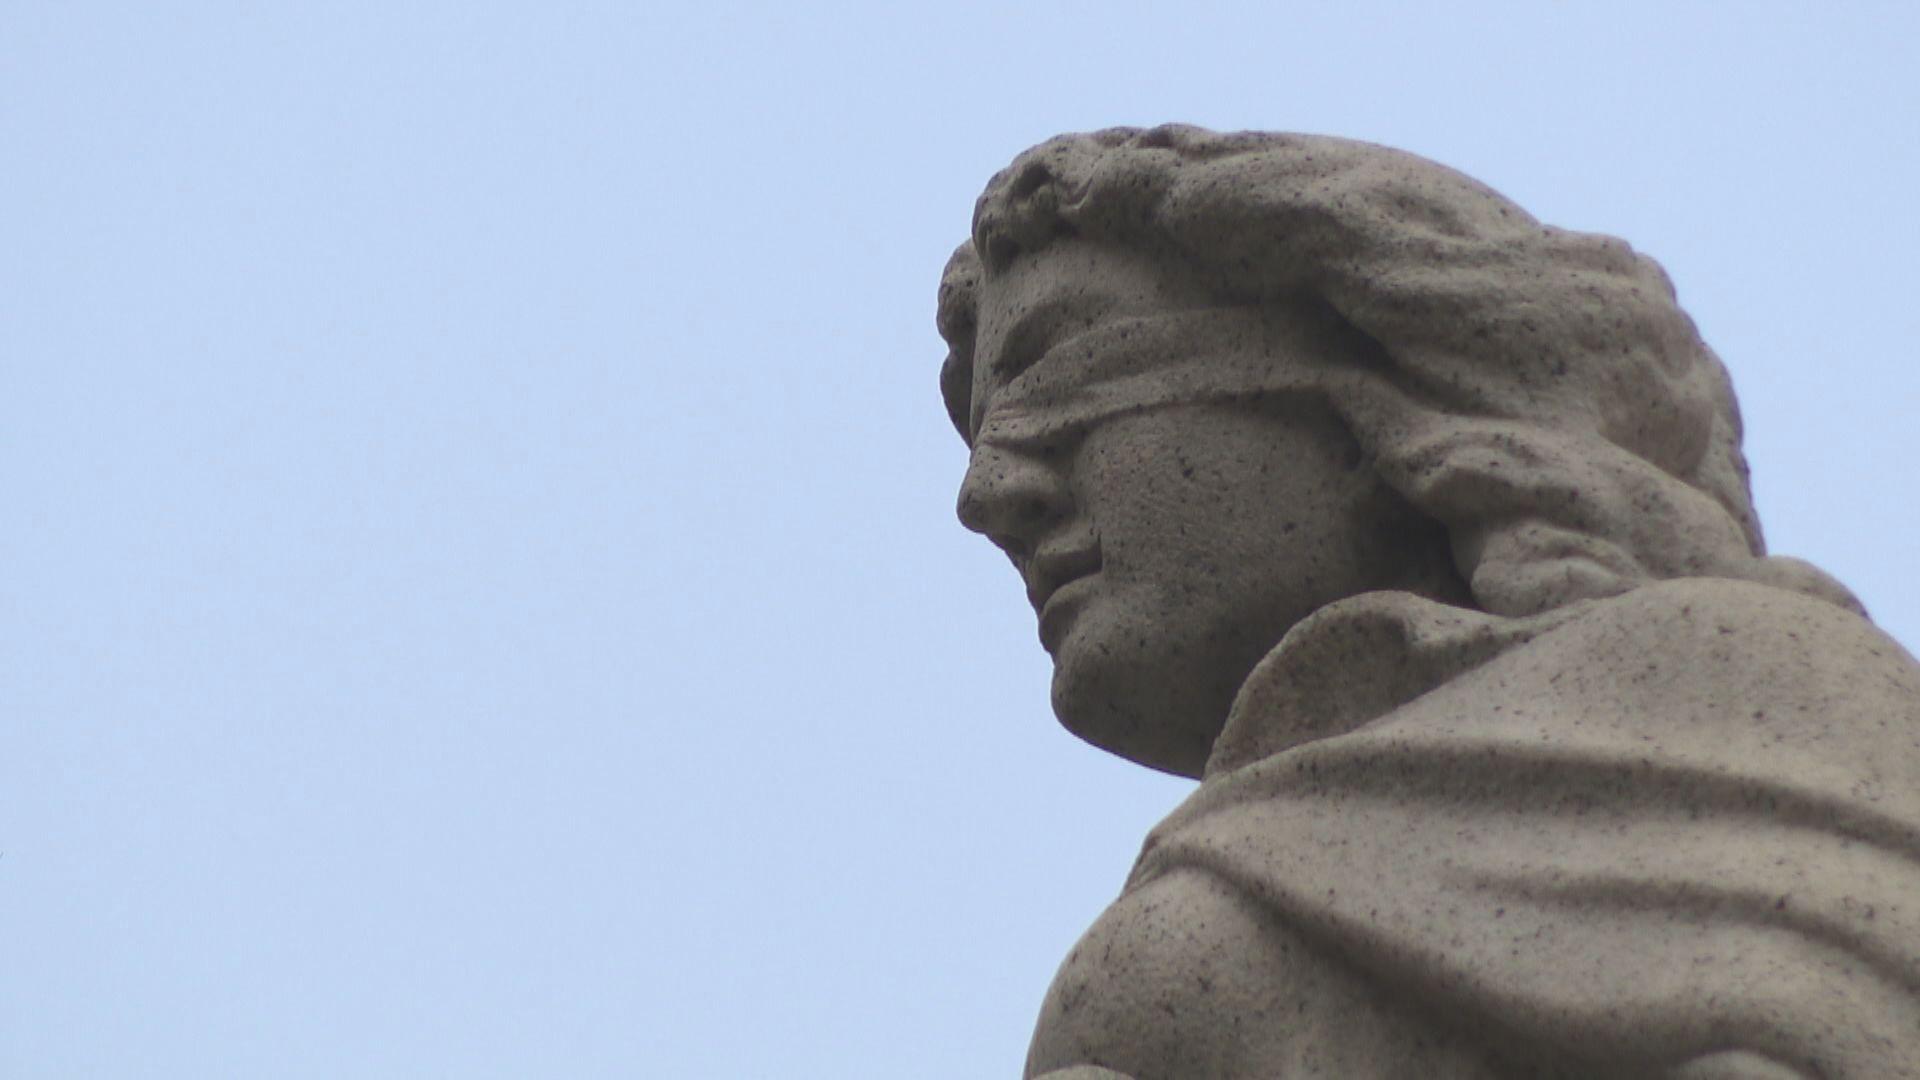 吳文遠擲三文治案 終院稱不會僅因嚴重司法不公批上訴